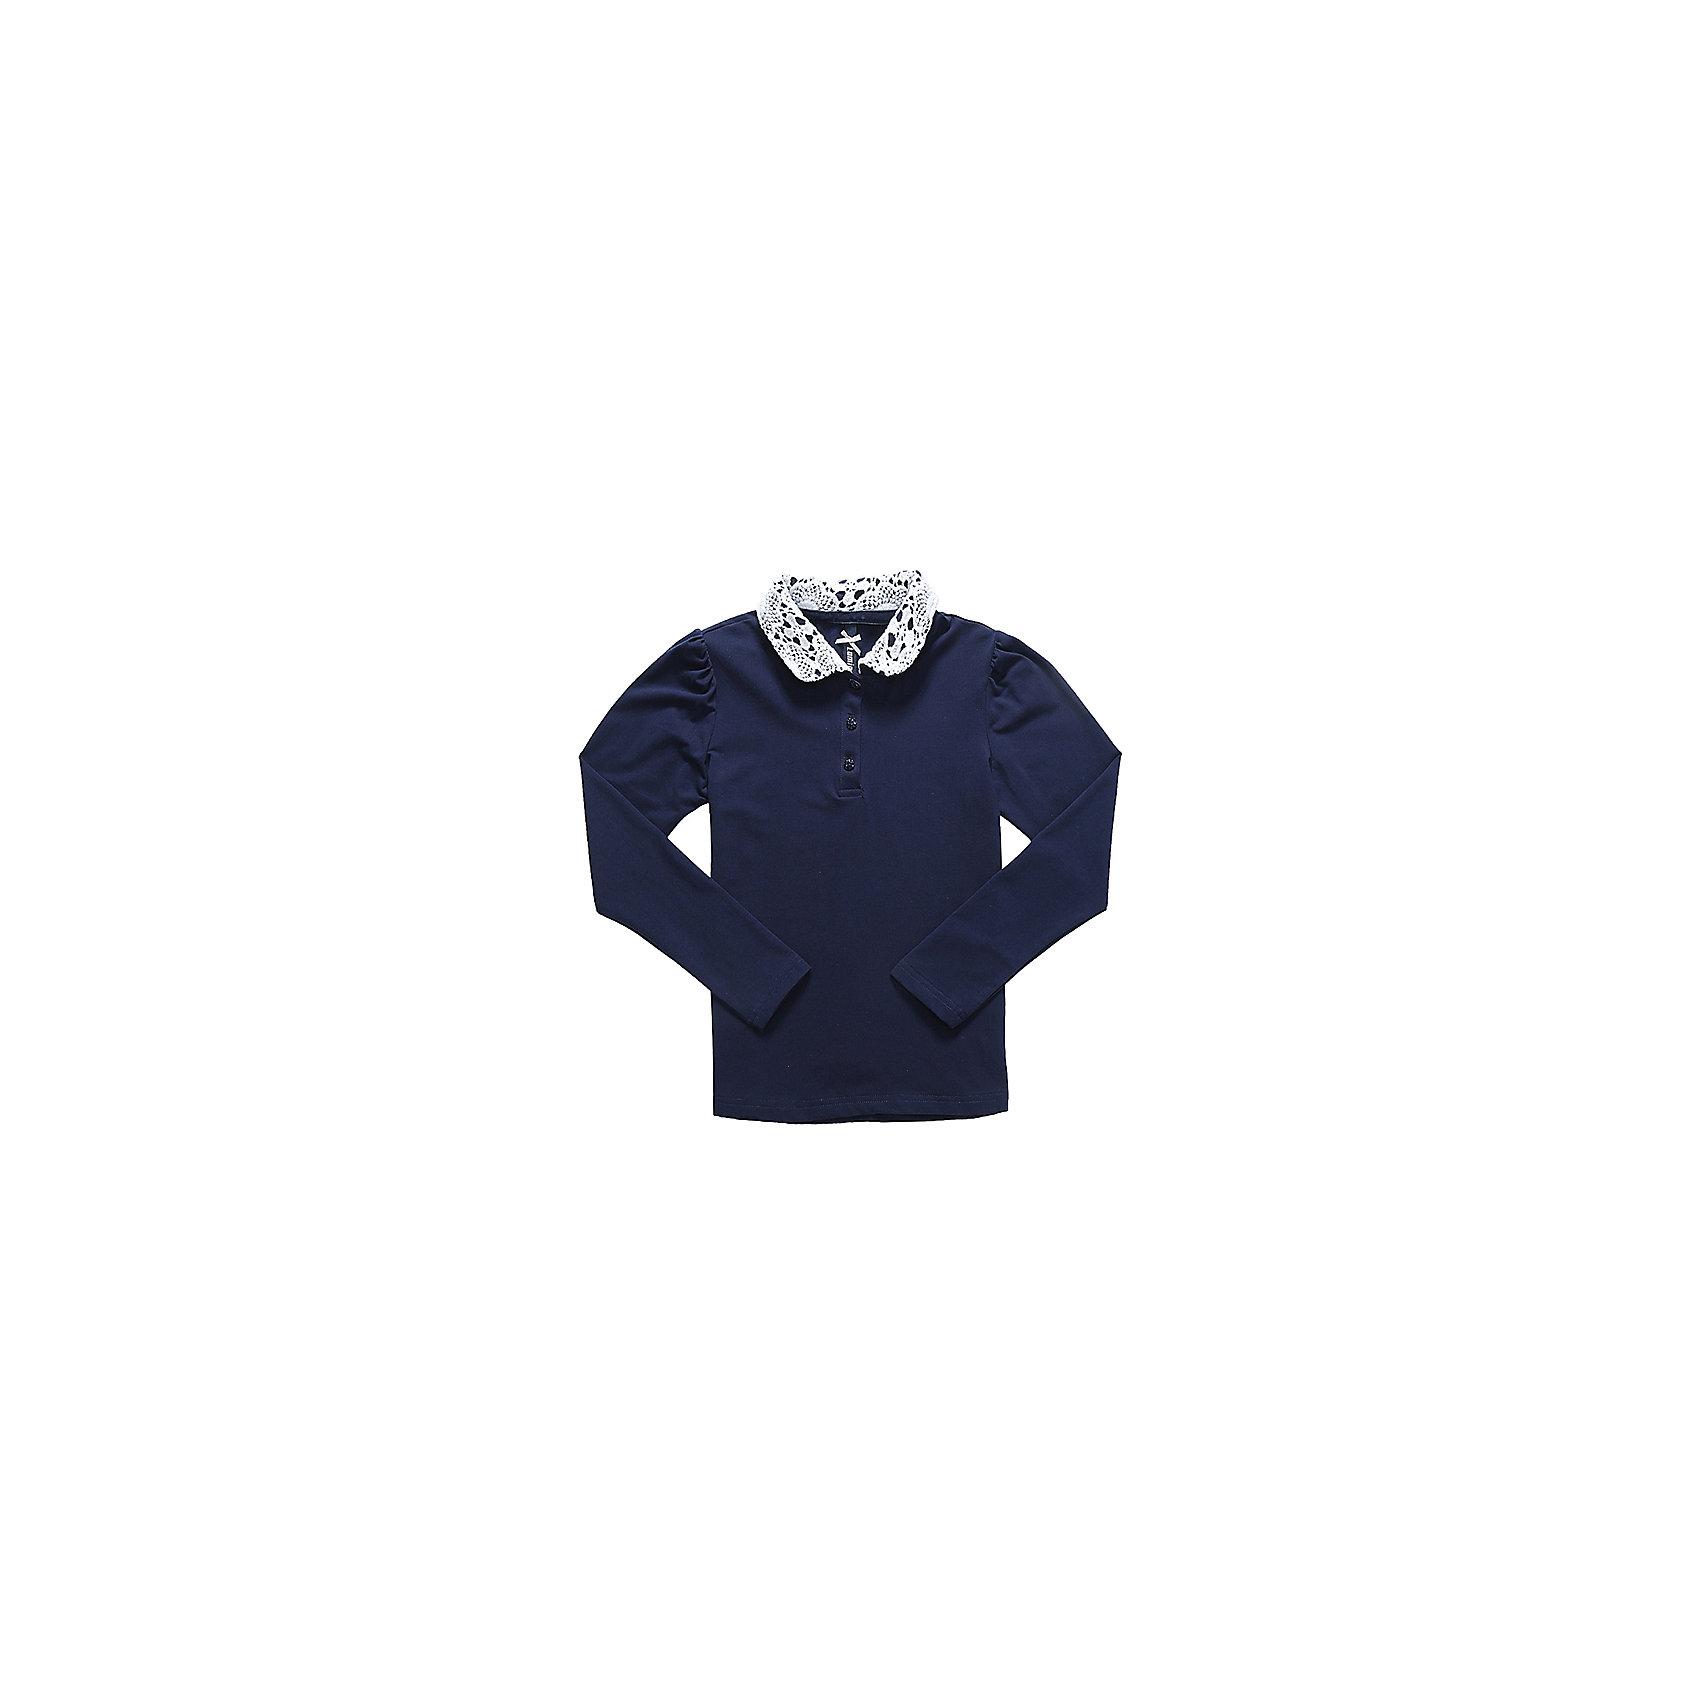 Блузка для девочки LuminosoБлузки и рубашки<br>Характеристики товара:<br><br>• цвет: темно-синий;<br>• состав: 95% хлопок, 5% эластан;<br>• сезон: демисезон;<br>• особенности: школьная, с кружевом;<br>• застежка: пуговицы;<br>• с длинным рукавом;<br>• декорирована кружевом;<br>• страна бренда: Россия;<br>• страна производства: Китай.<br><br>Школьная блузка с длинным рукавом для девочки. Темно-синяя блузка застегивается пуговицы. Трикотажная блузка декорирована контрастным кружевом белого цвета на воротнике.<br><br>Блузка для девочки Luminoso (Люминосо) можно купить в нашем интернет-магазине.<br><br>Ширина мм: 186<br>Глубина мм: 87<br>Высота мм: 198<br>Вес г: 197<br>Цвет: синий<br>Возраст от месяцев: 84<br>Возраст до месяцев: 96<br>Пол: Женский<br>Возраст: Детский<br>Размер: 128,164,122,134,140,146,152,158<br>SKU: 6673094